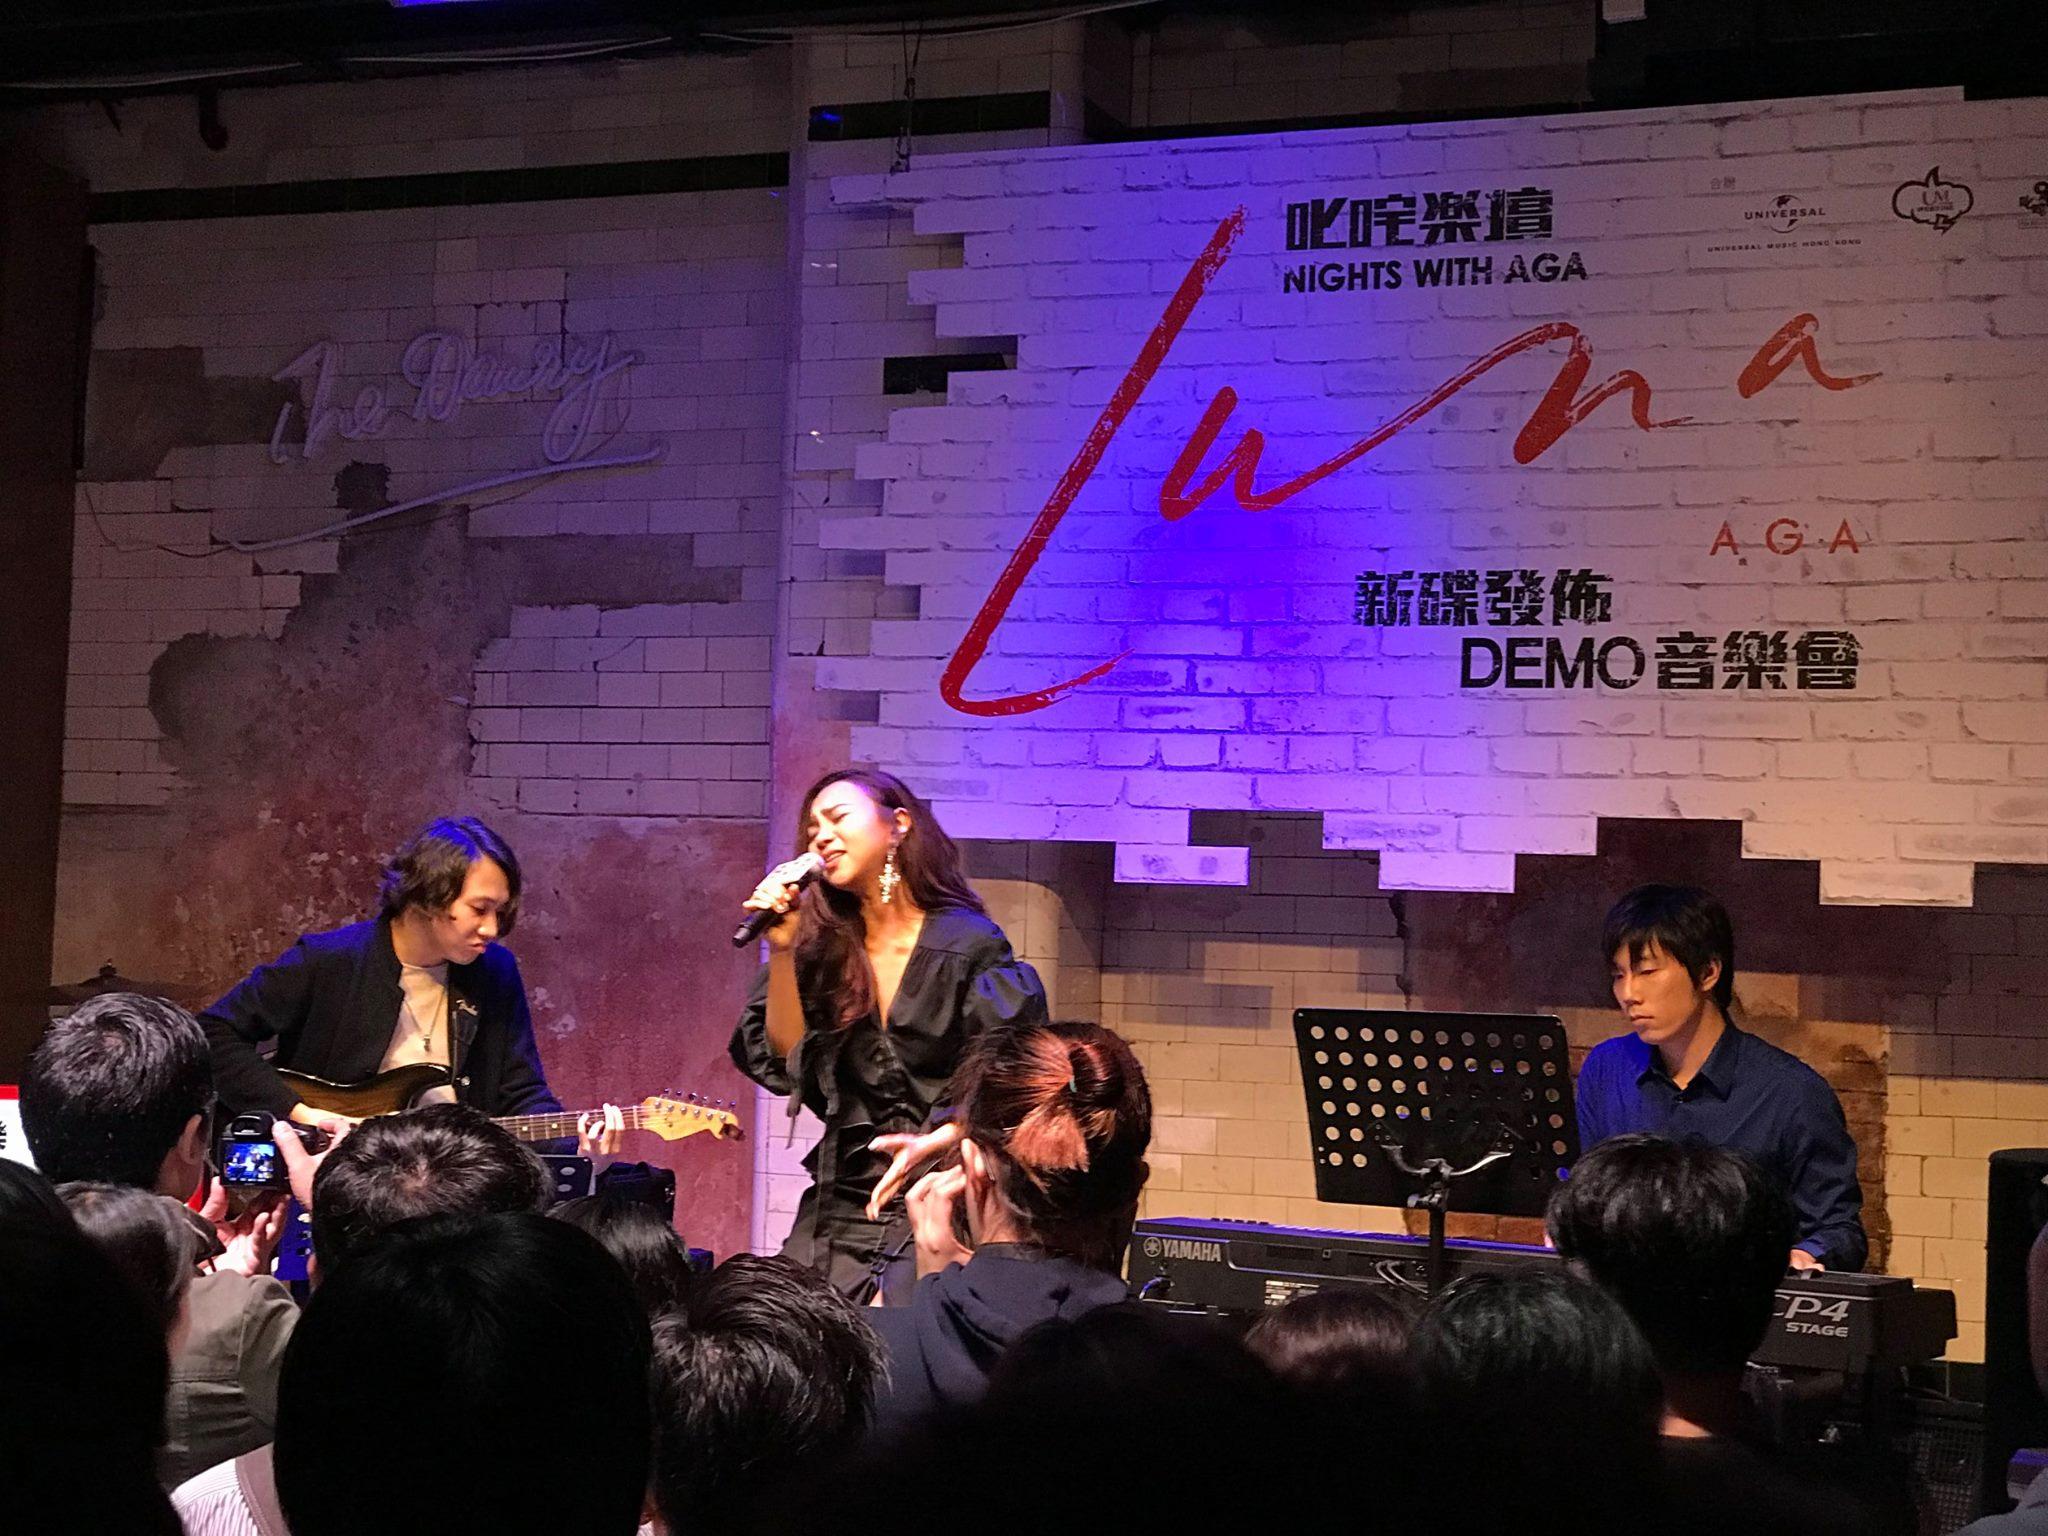 AGA《Luna》album release